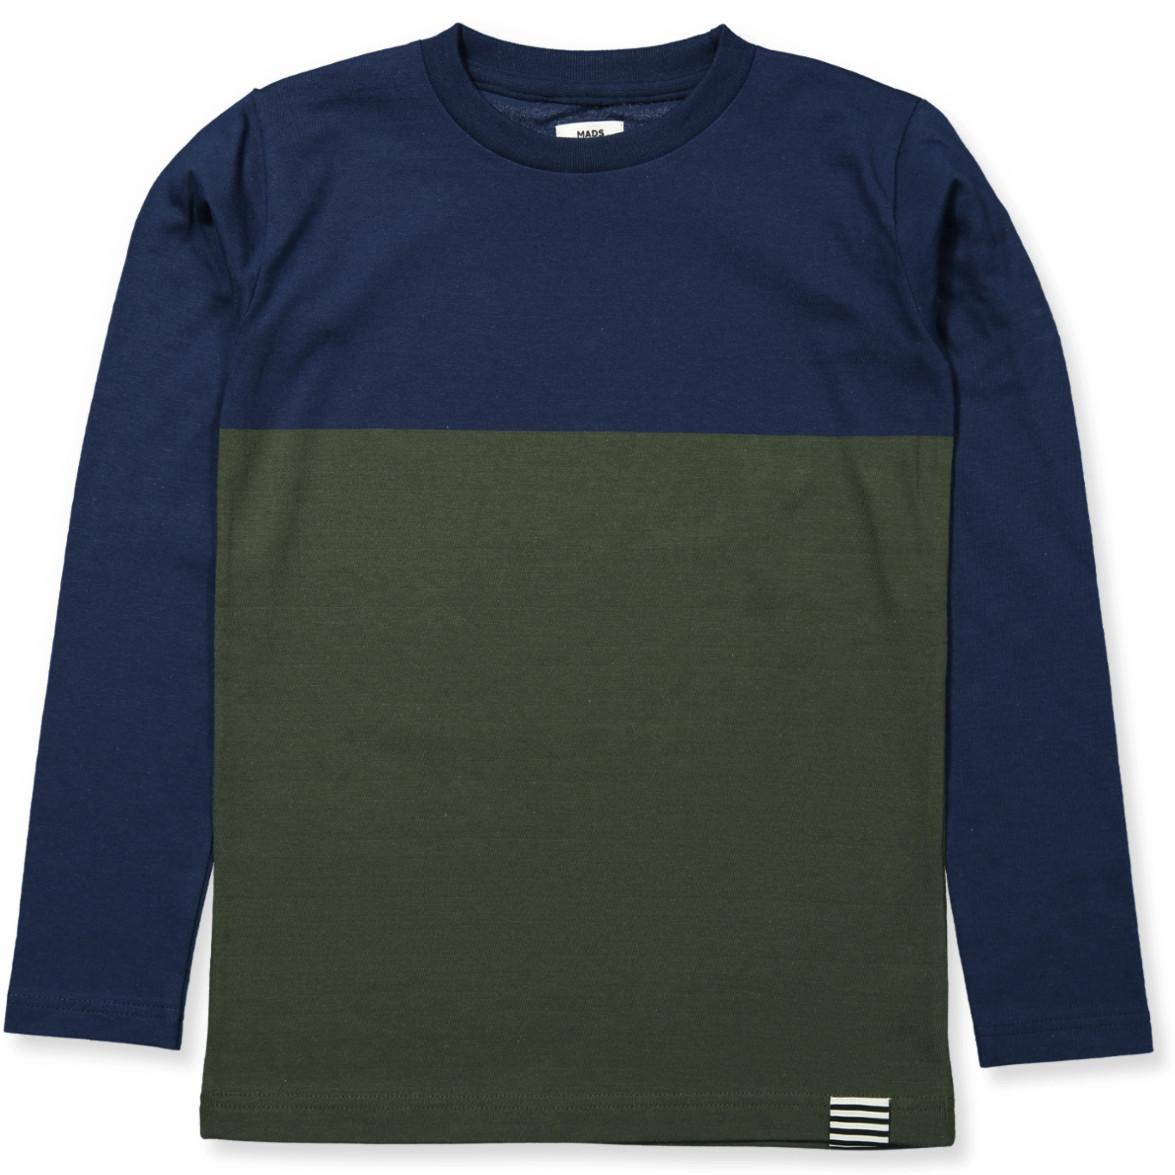 Toldino LS t shirt